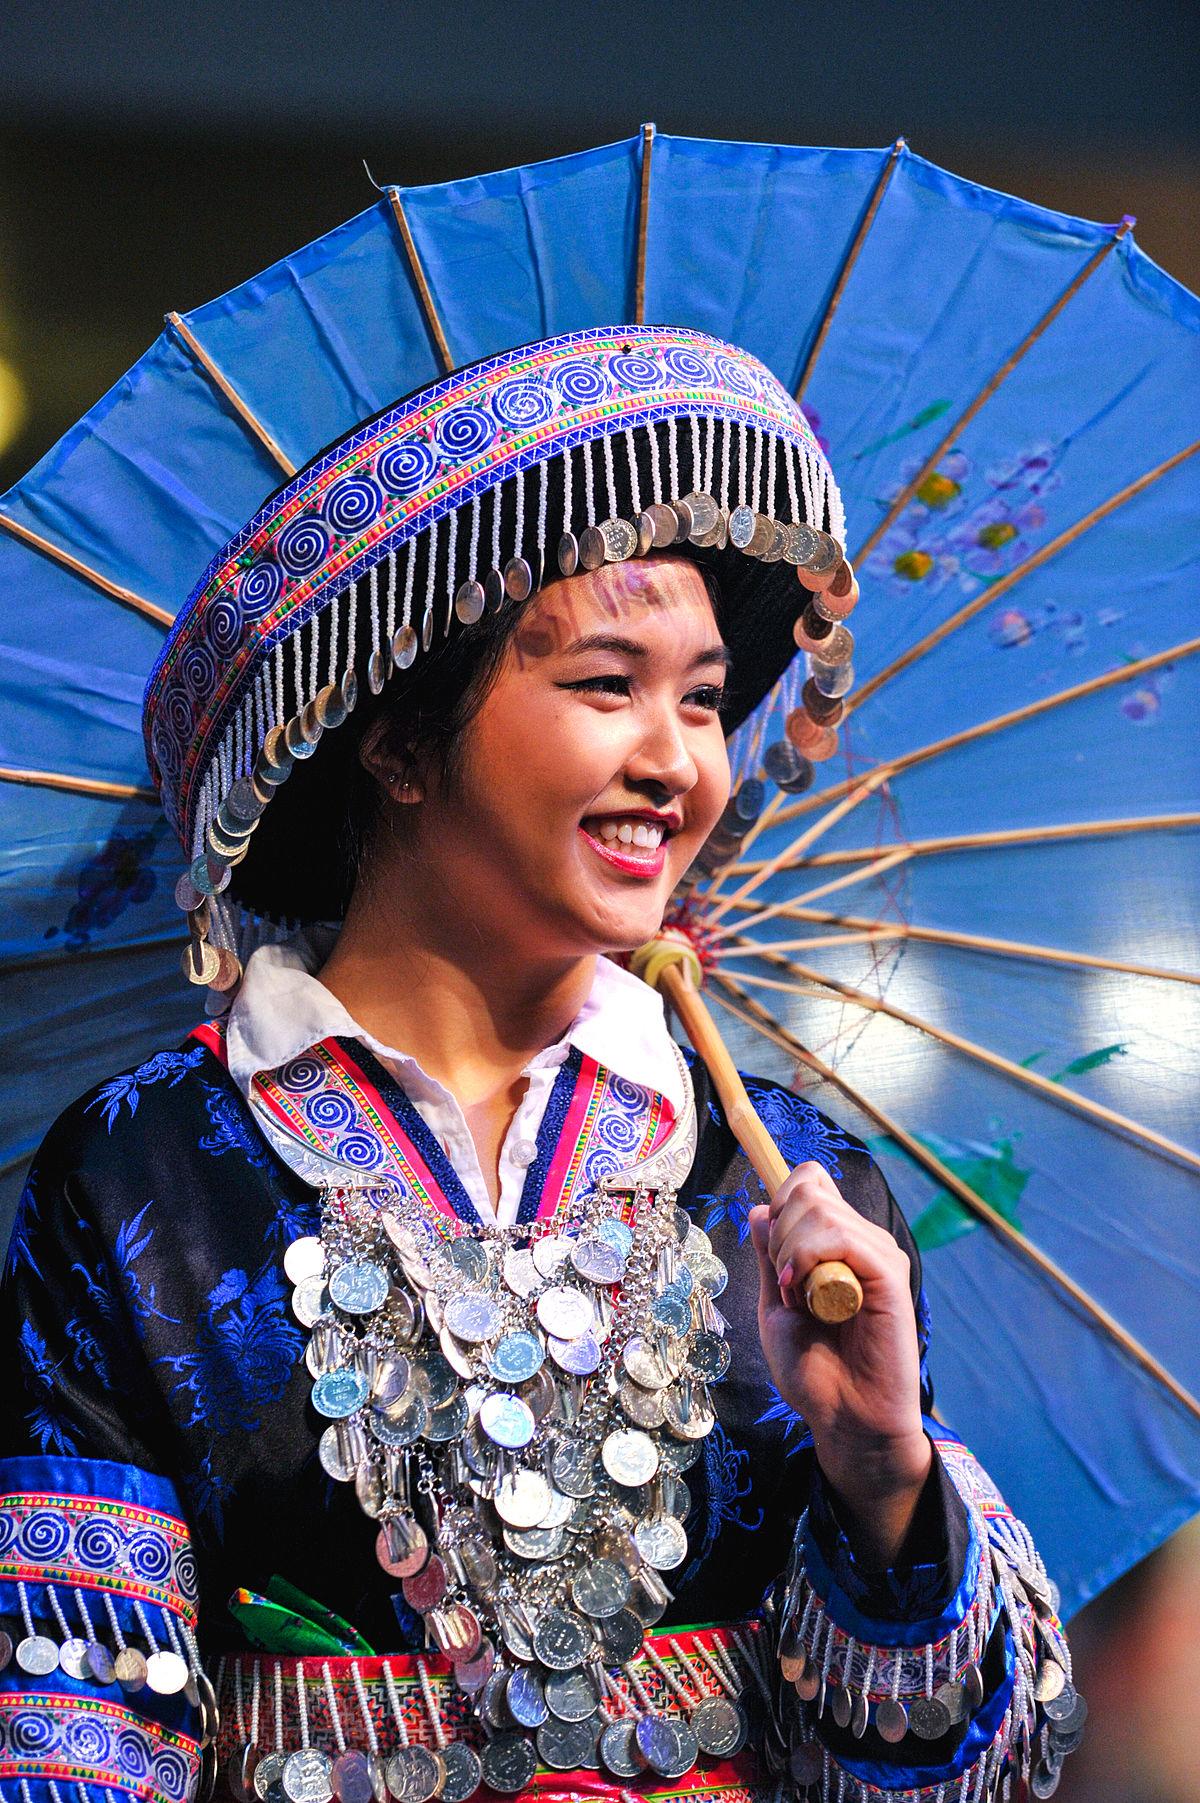 Hmongo pics 47